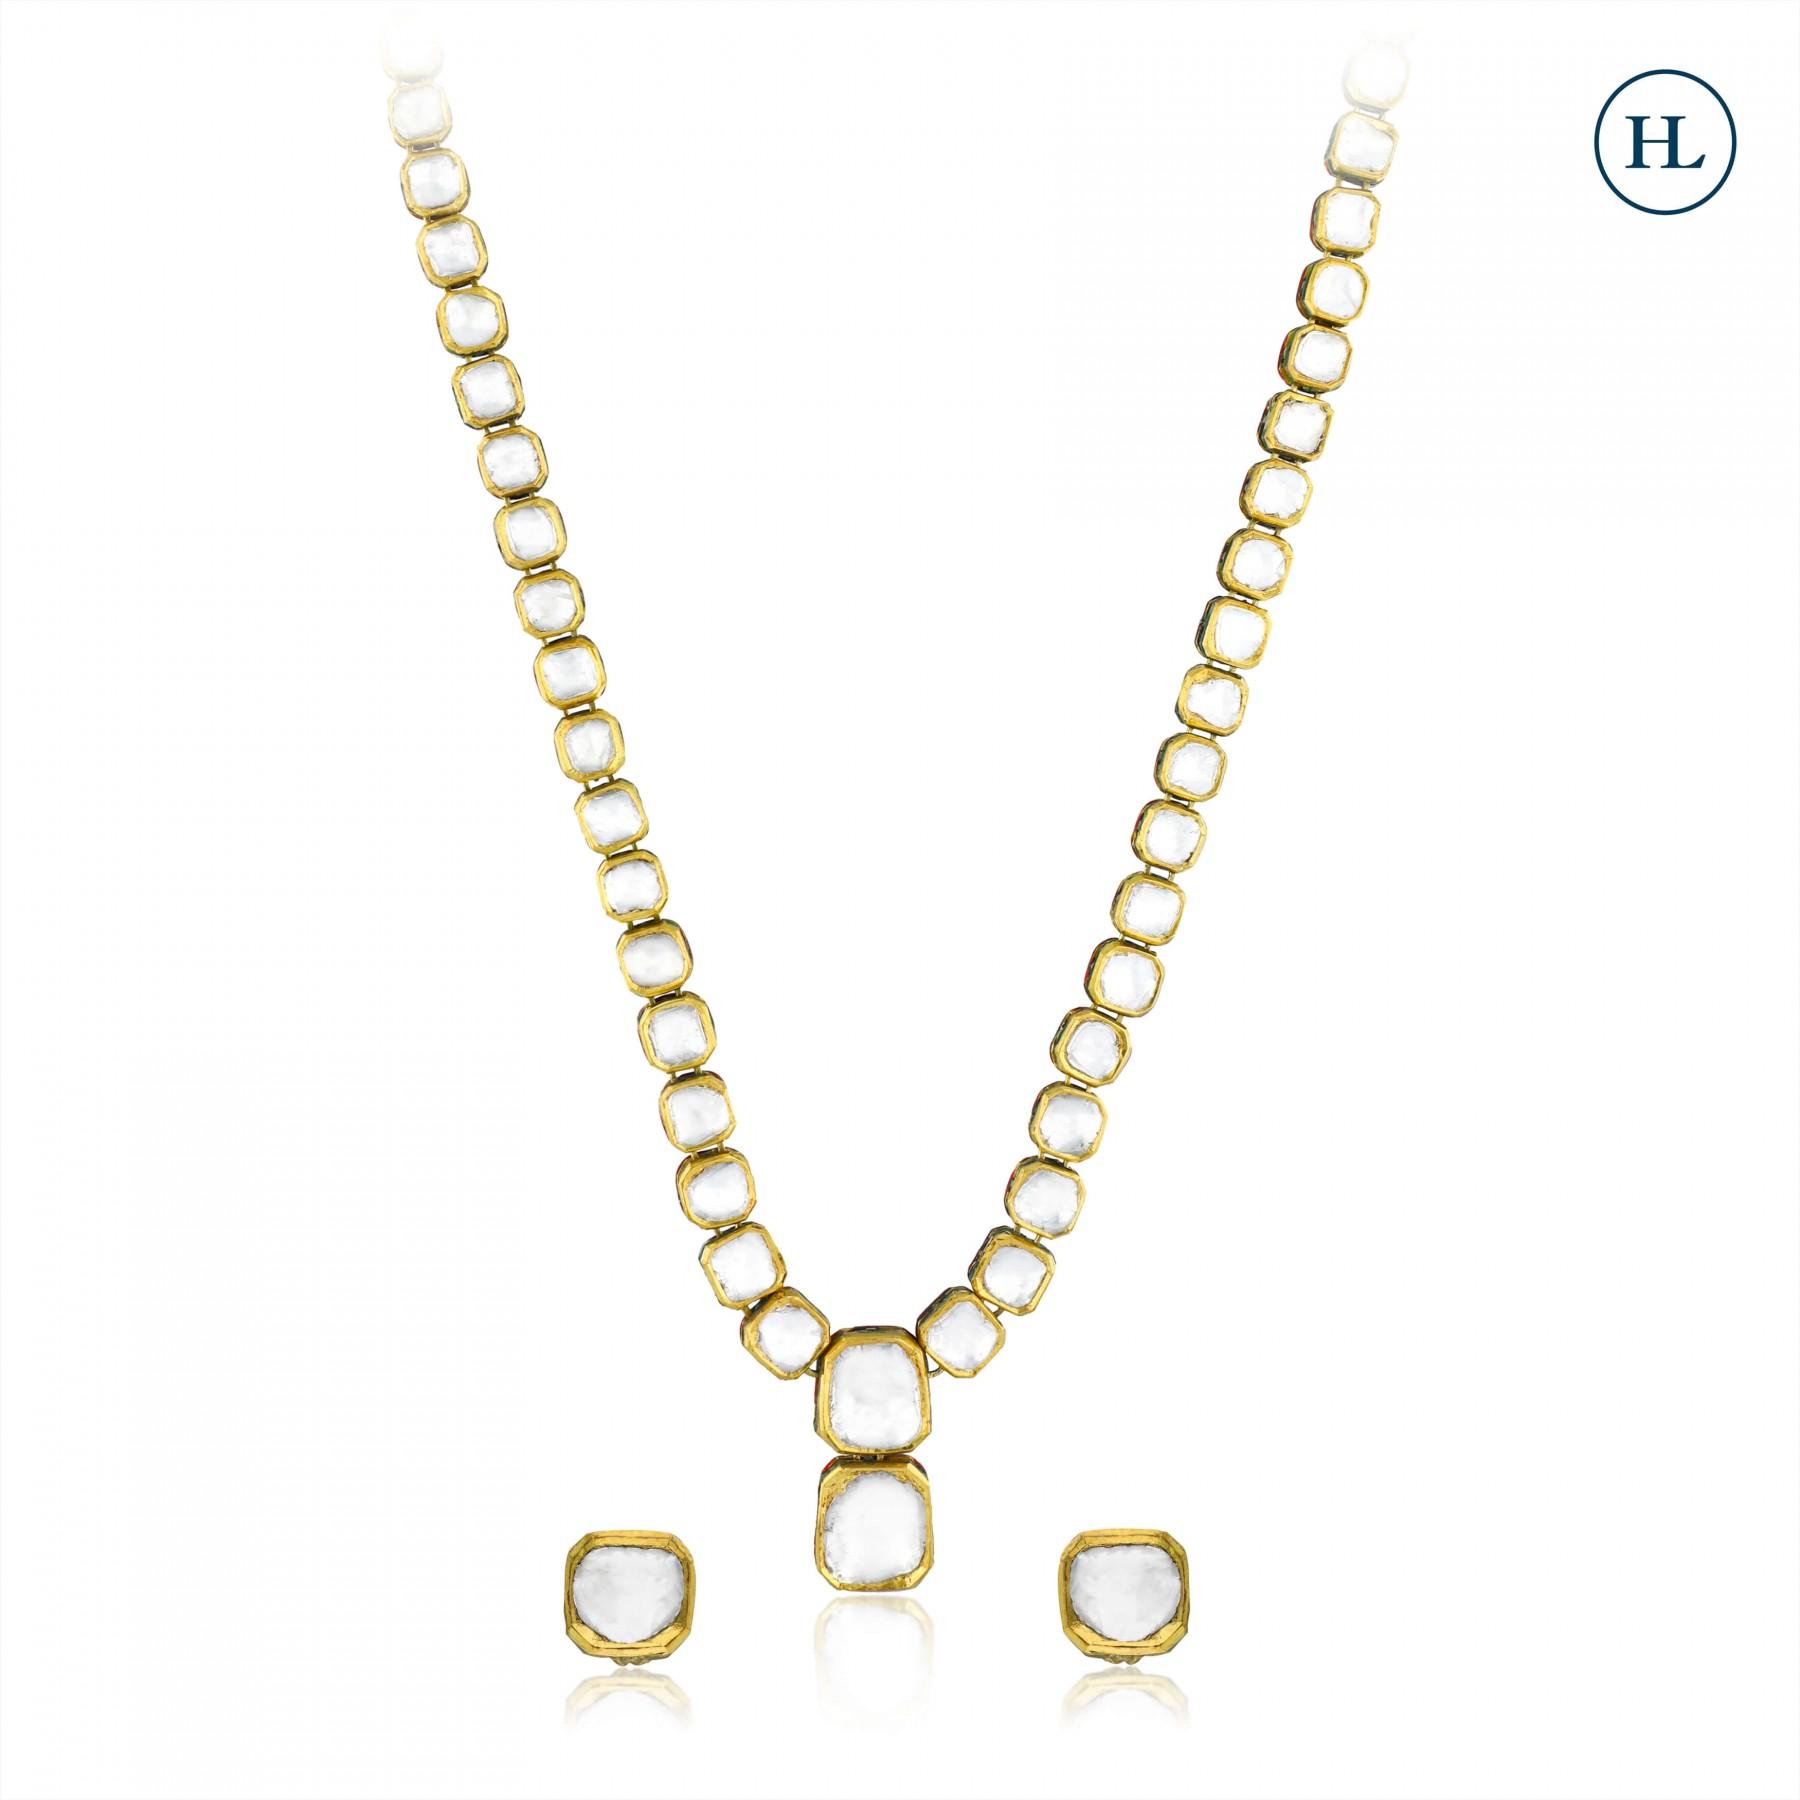 Polki String Necklace Set